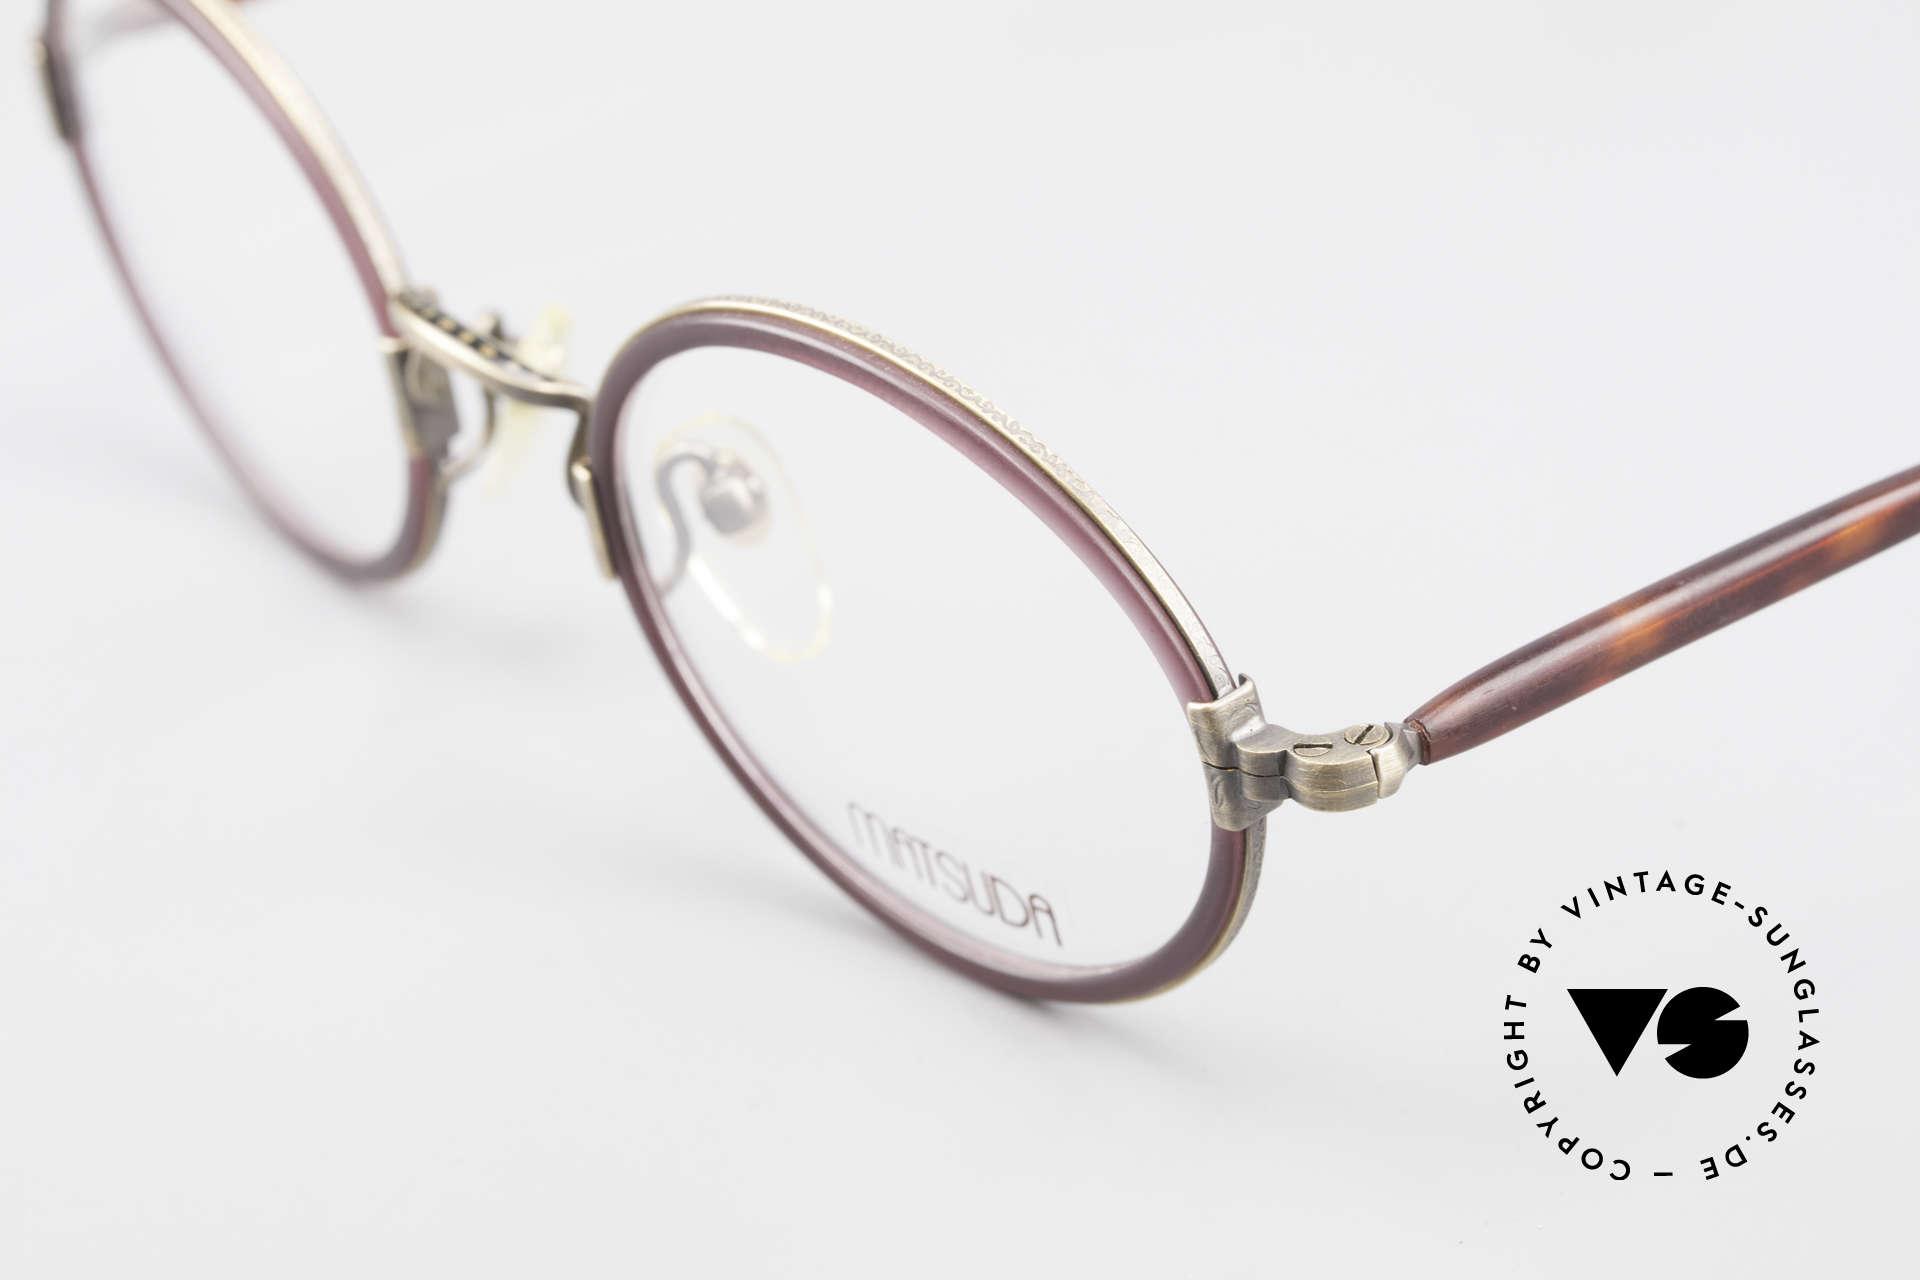 Matsuda 2834 Rund Ovale 90er Luxus Brille, komplette vintage Fassung mit sehr viel Liebe zum Detail, Passend für Herren und Damen